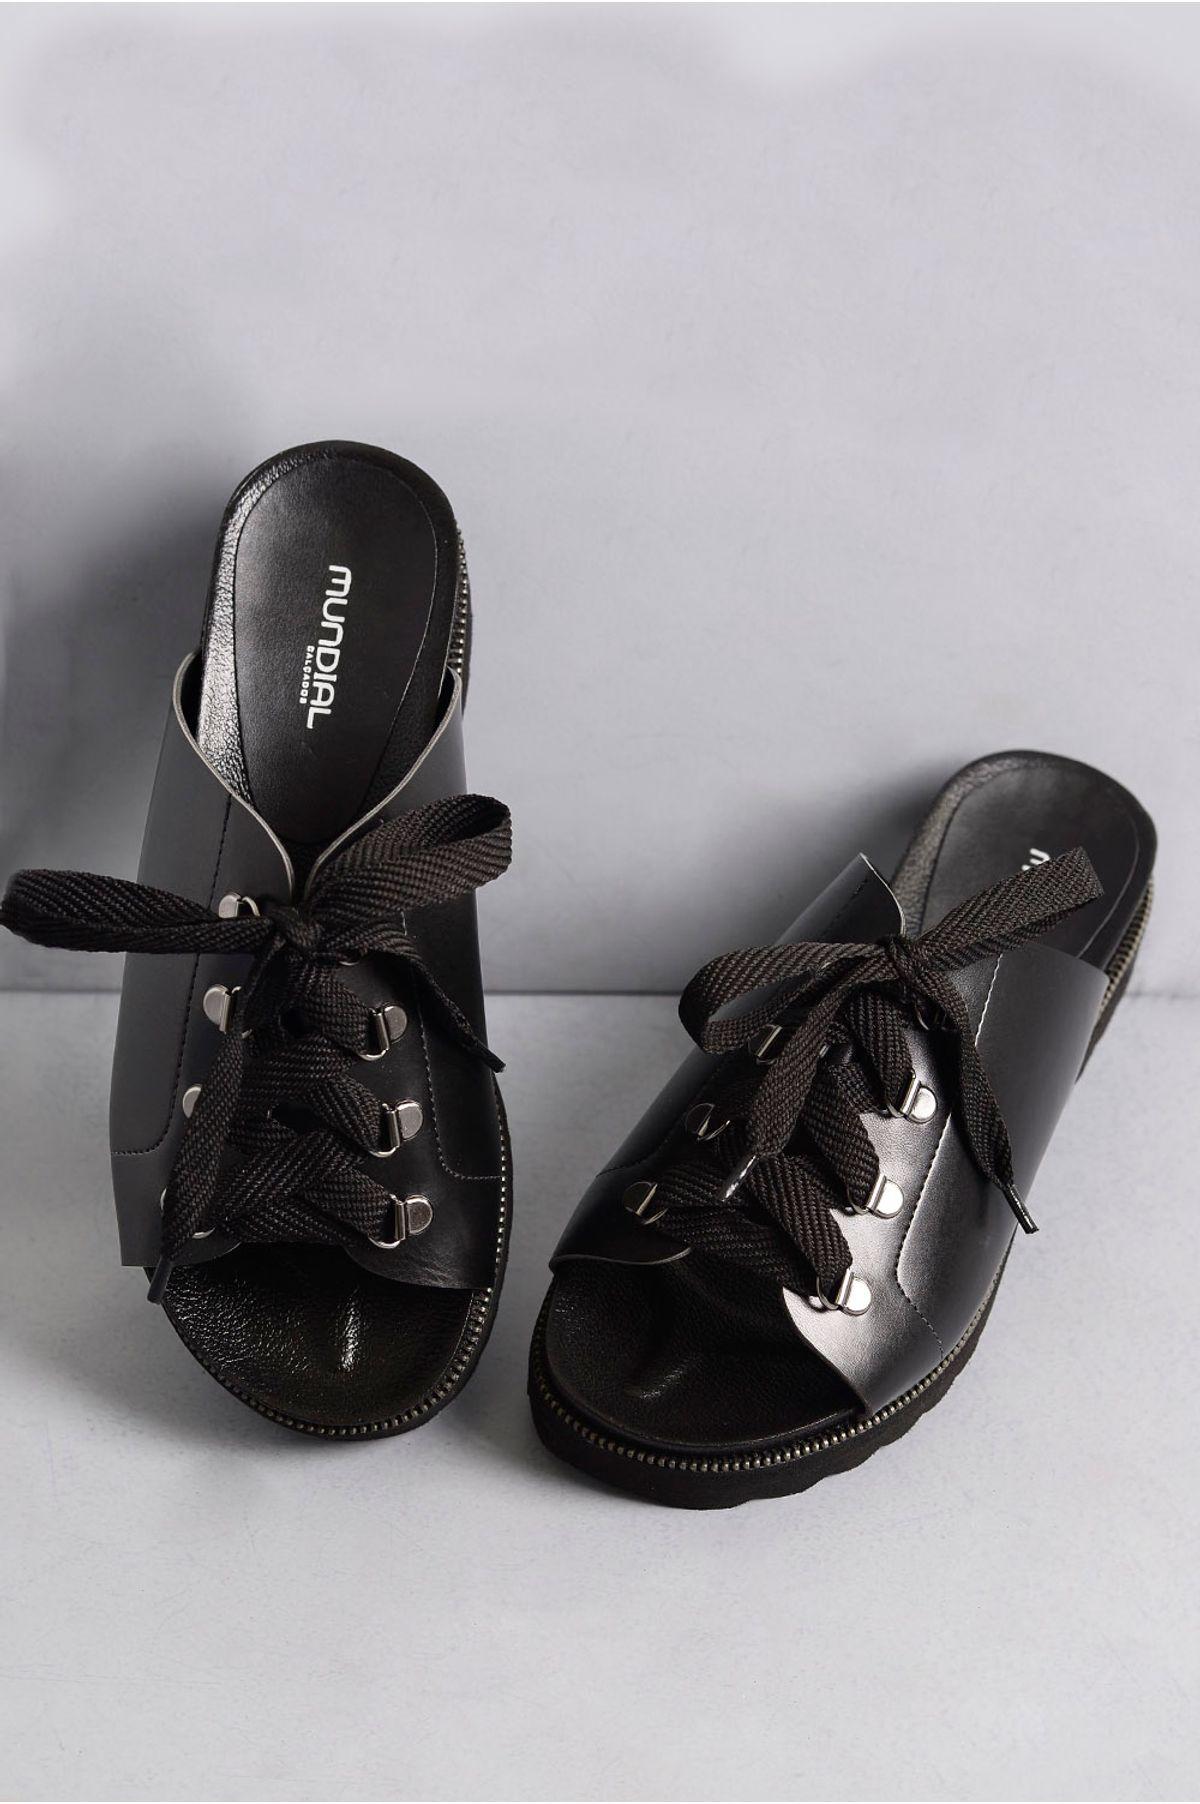 b5fd0ba269 Tamanco Feminino Anabela Madelyn Mundial PRETO - Mundial Calçados